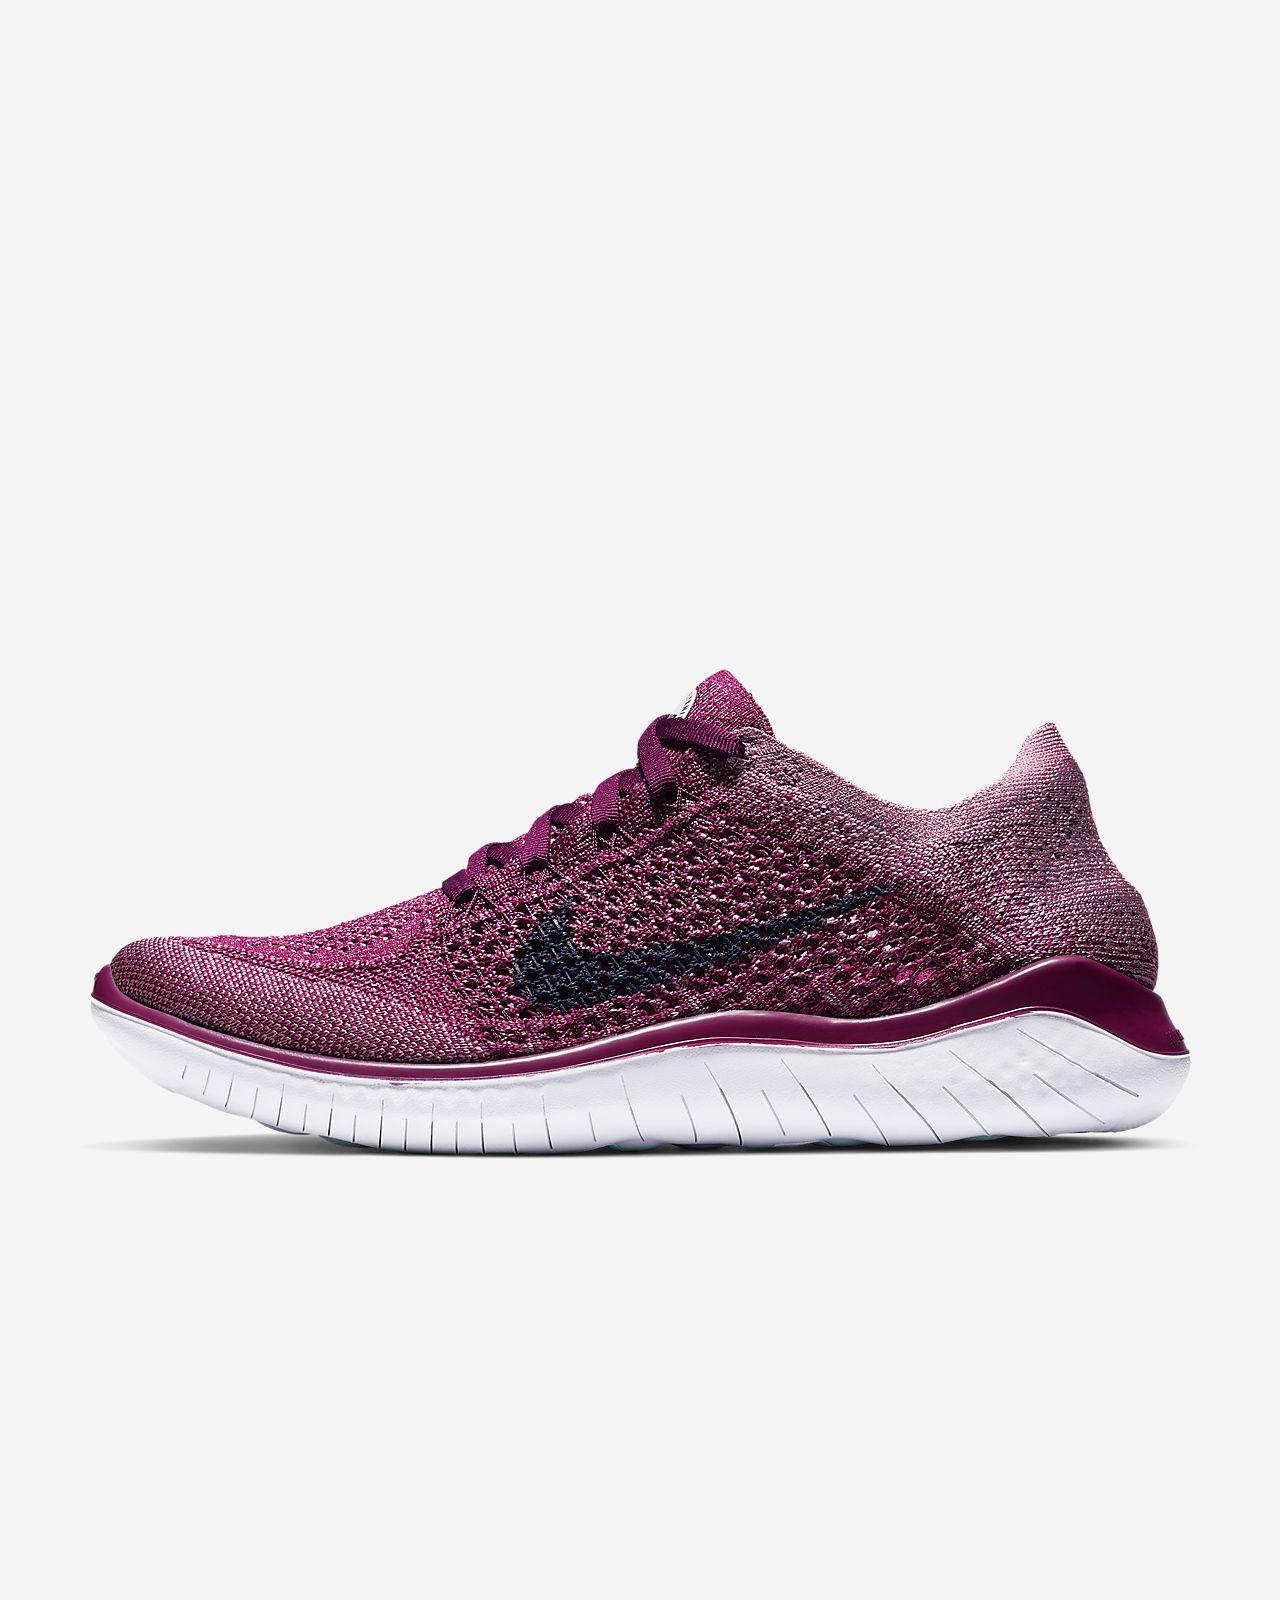 09a329a2996f Nike Free RN Flyknit 2018 Women s Running Shoe. Nike.com